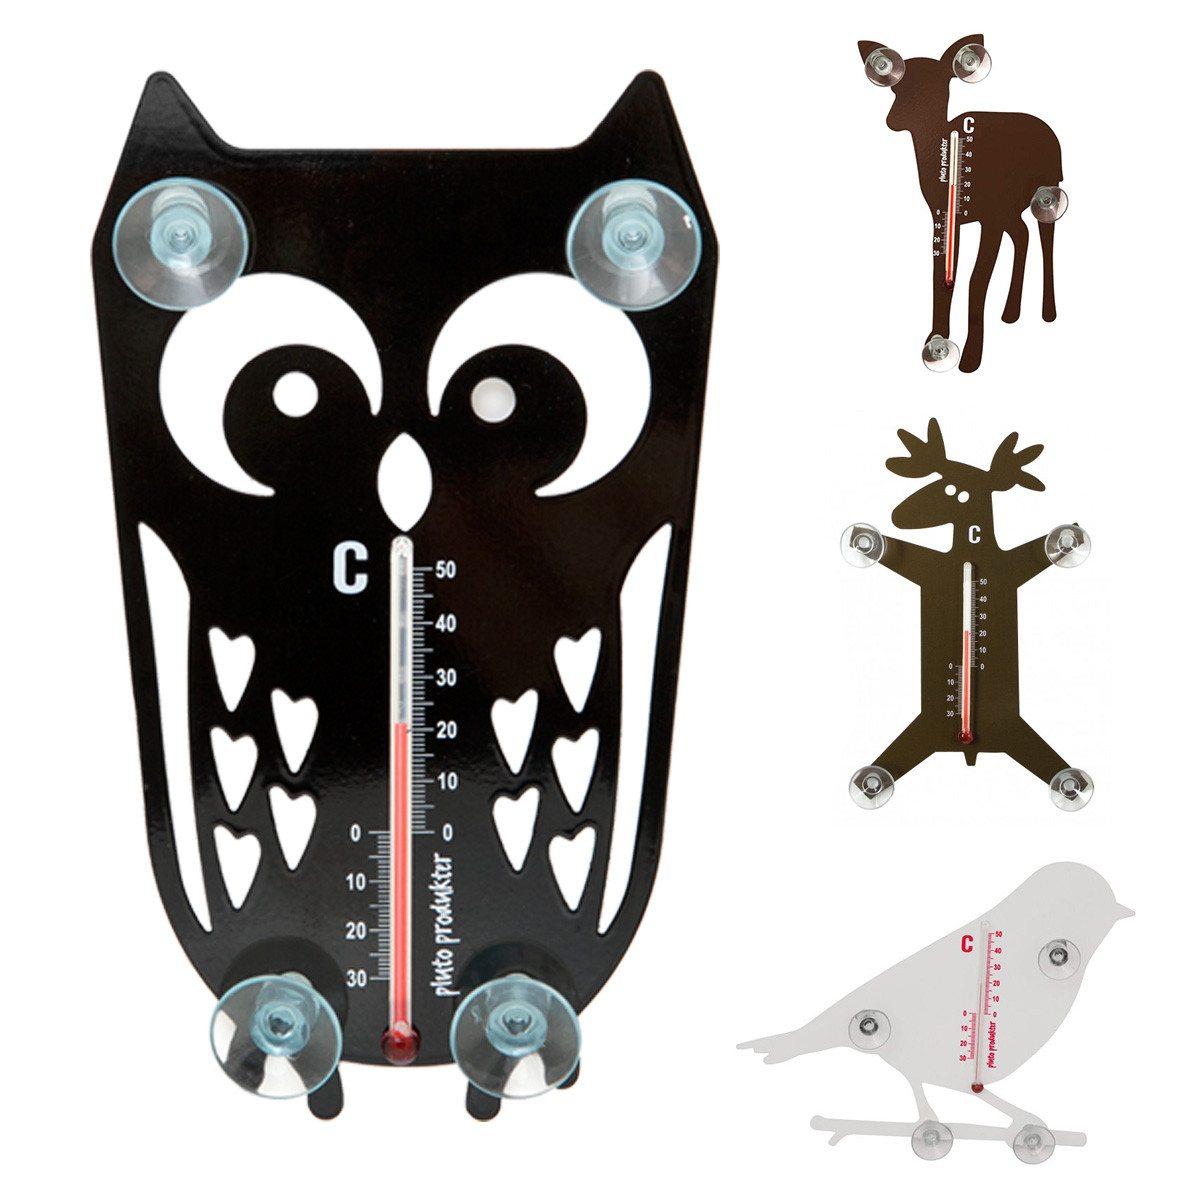 Termometer formet som et dyr